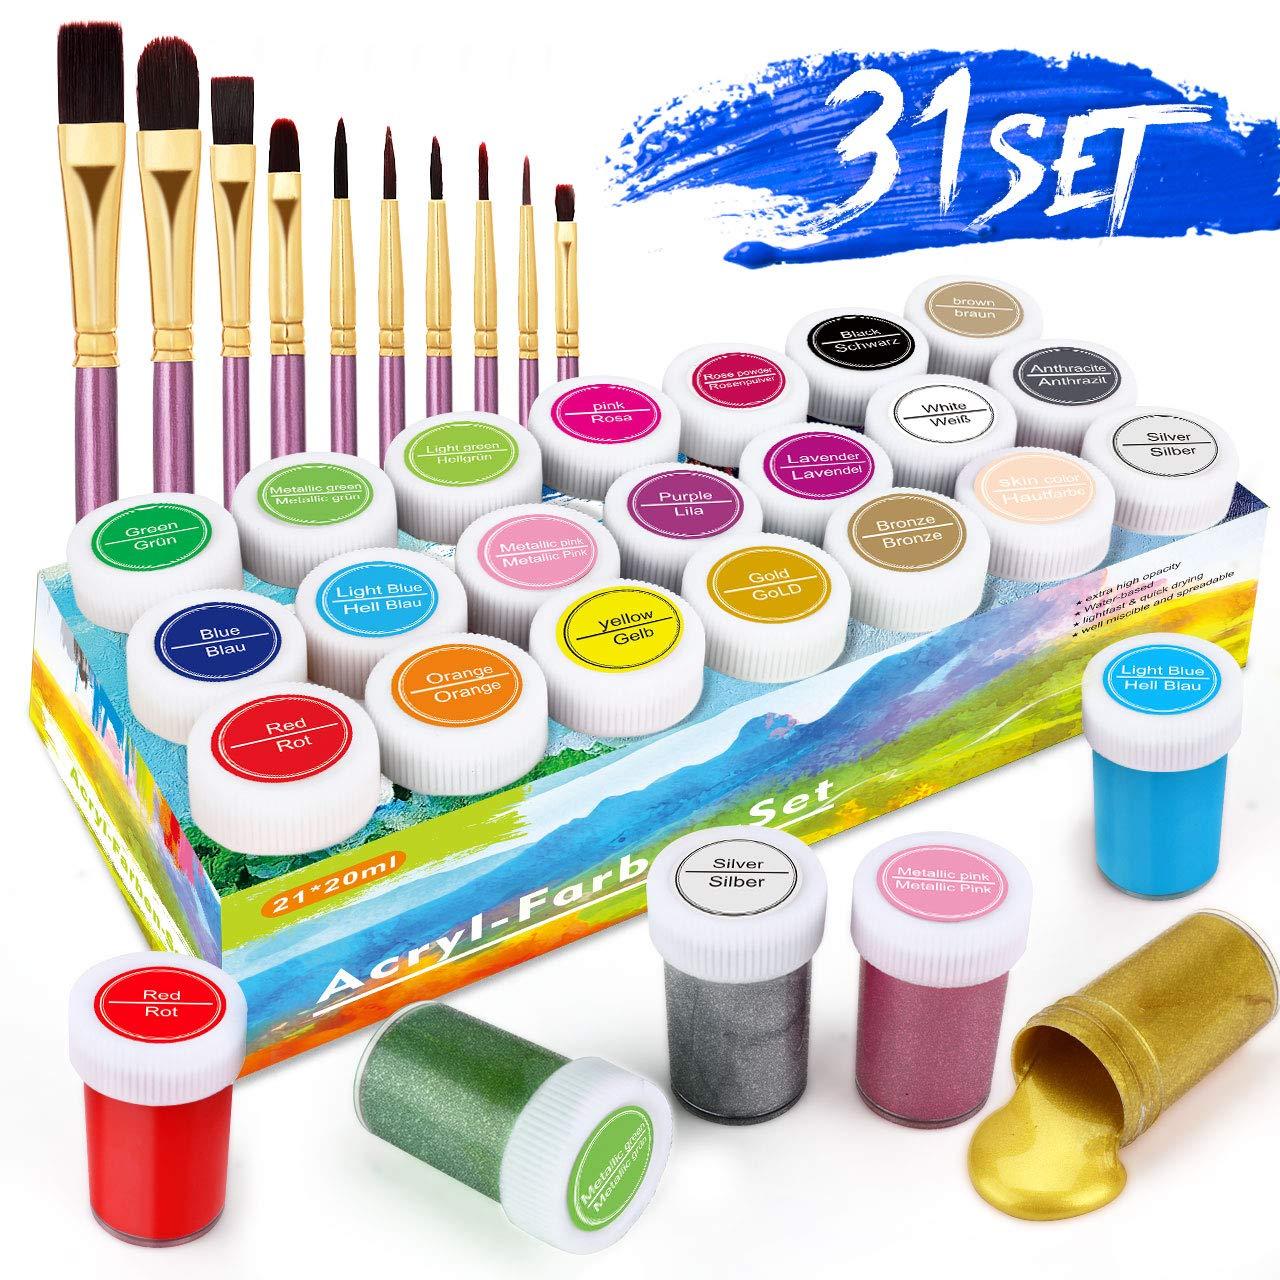 RATEL Zestaw farb akrylowych Premium 31 kolorowych farb akrylowych z 21 x 20 ml pigmentu + 10 pisaków pędzelkowych